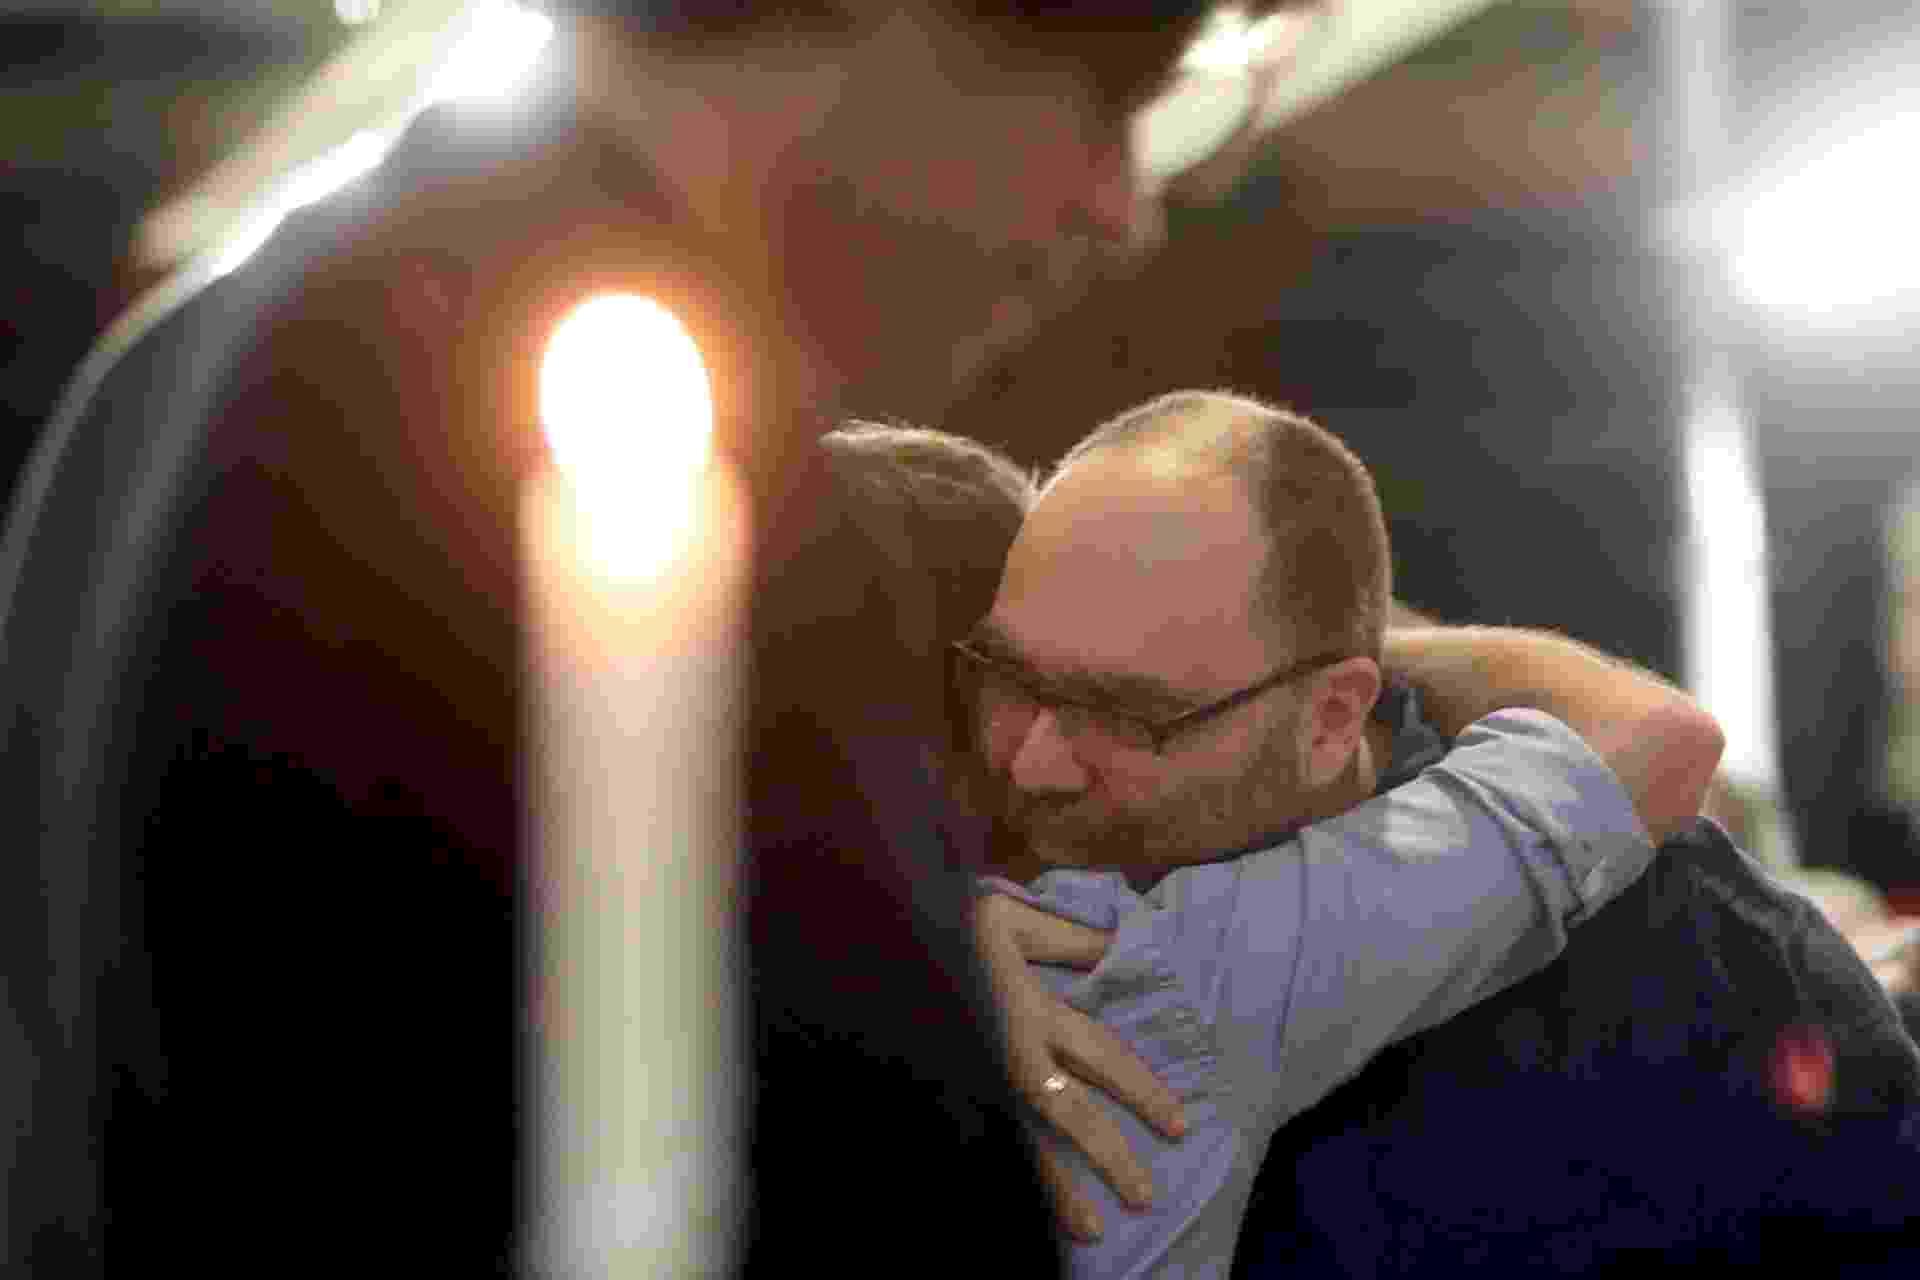 29.abr.2015 - Familiares e amigos consolam André Abujamra, filho do ator e diretor, encontrado morto em sua casa em Higienópolis, em São Paulo, na manhã de terça-feira (28) - Ricardo Matsukawa/UOL